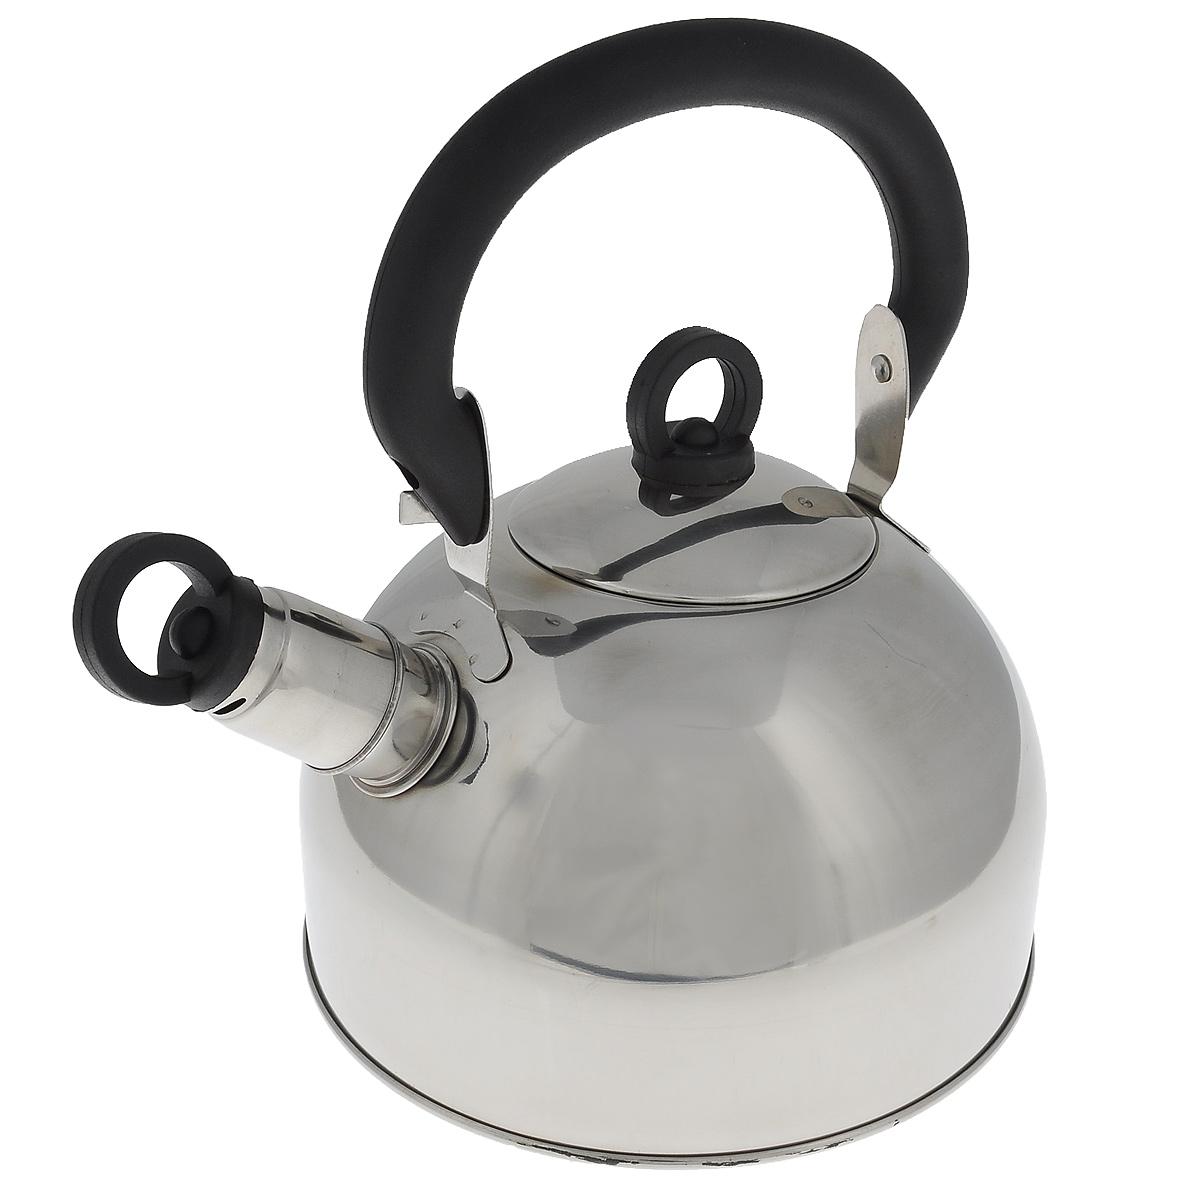 Чайник Regent Inox Tea со свистком, 1,8 л. 93-TEA-2593-TEA-25Чайник Regent Inox Tea выполнен из высококачественной нержавеющей стали 18/10 с зеркальной полировкой. Основные особенности: - оптимальное соотношение толщины дна и стенок посуды, что обеспечивает равномерное распределение тепла, экономию энергозатрат и устойчивость к деформации, - сохранение в воде всех полезных свойств и микроэлементов, - многослойное капсулированное дно: аккумулирует тепло, способствует быстрому закипанию и приготовлению пищи даже при небольшой мощности конфорок, - функционален, гигиеничен, эргономичен, а благодаря оригинальному дизайну чайник станет украшением любой кухни. Чайник оснащен крышкой и удобной фиксированной бакелитовой ручкой. Съемный свисток на носике чайника всегда подскажет, когда вода закипела. Подходит для всех типов плит, включая индукционные. Можно мыть в посудомоечной машине.